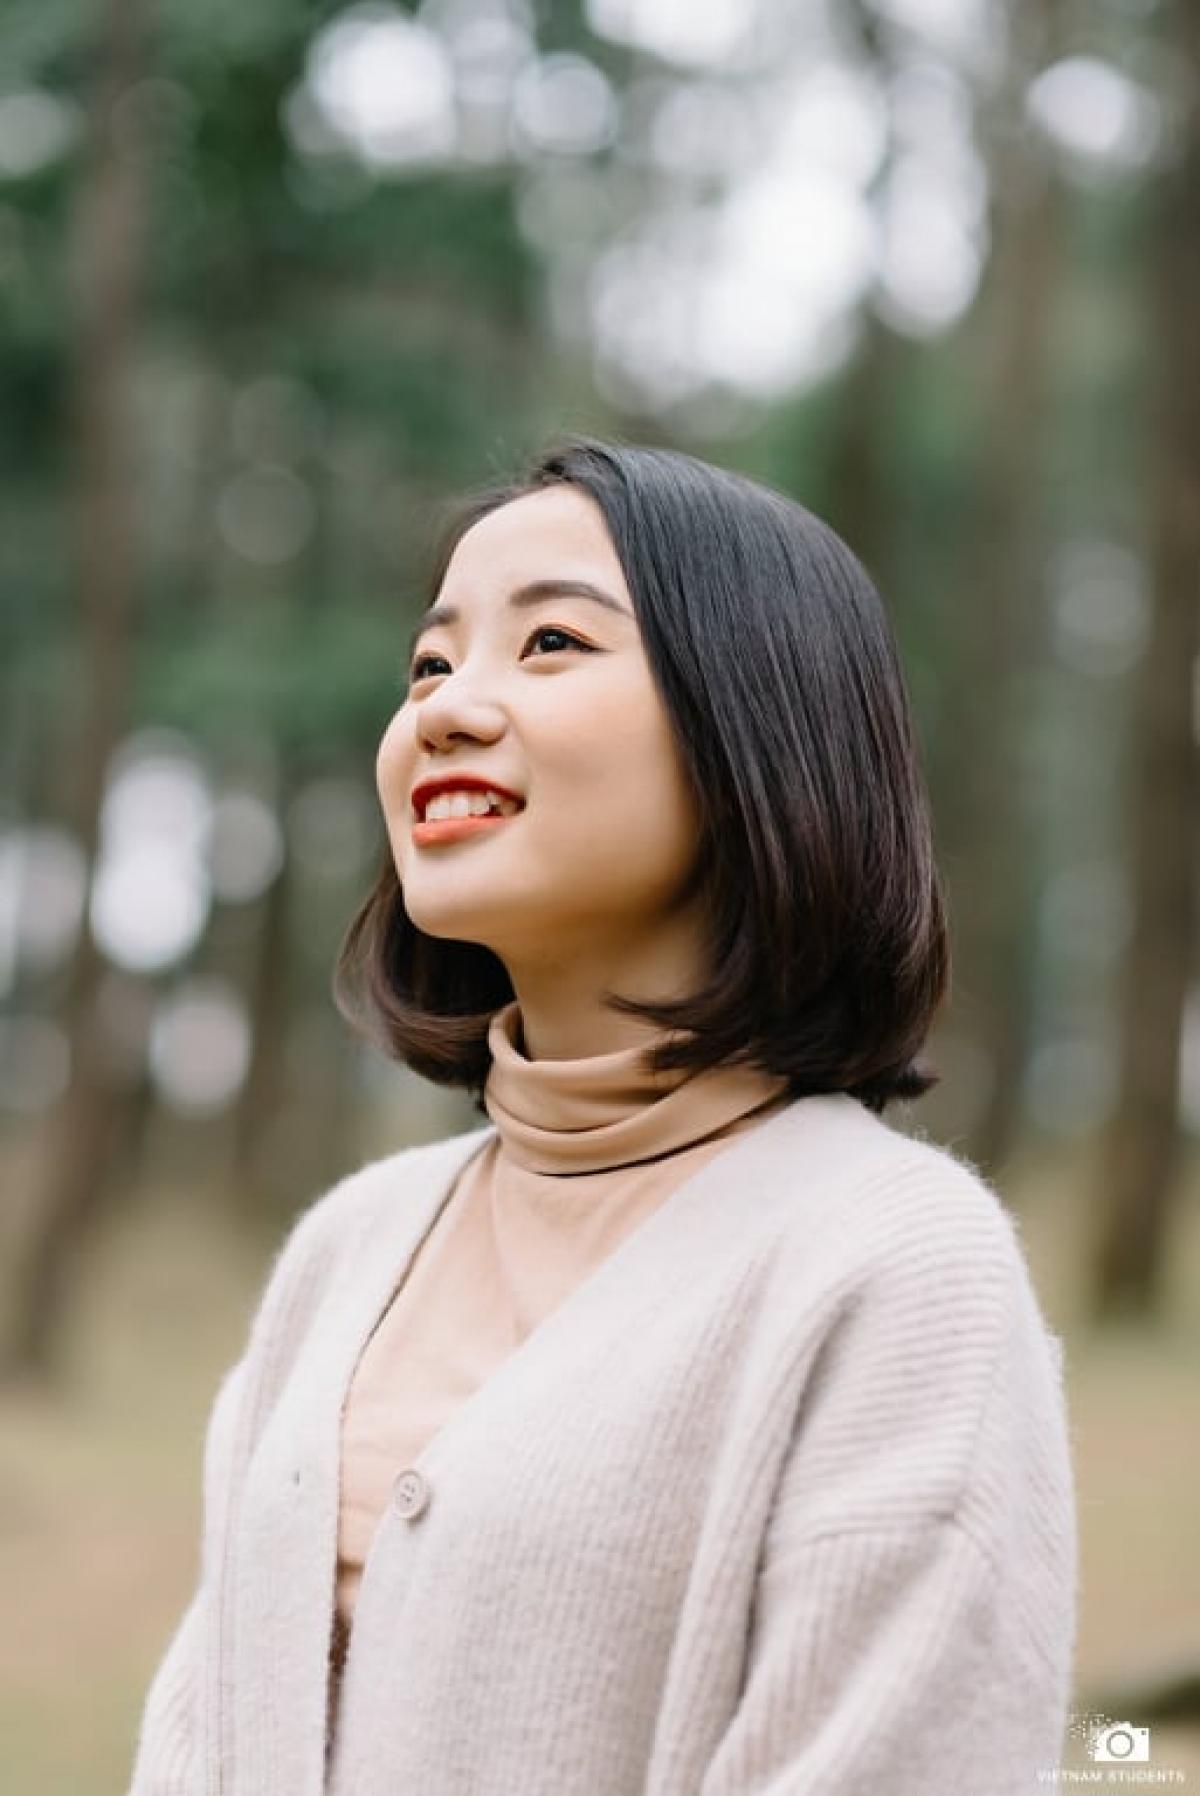 Nguyễn Phương Nhung, Trường THPT chuyên KHTN chính thức là sinh viên Đại học KTQD